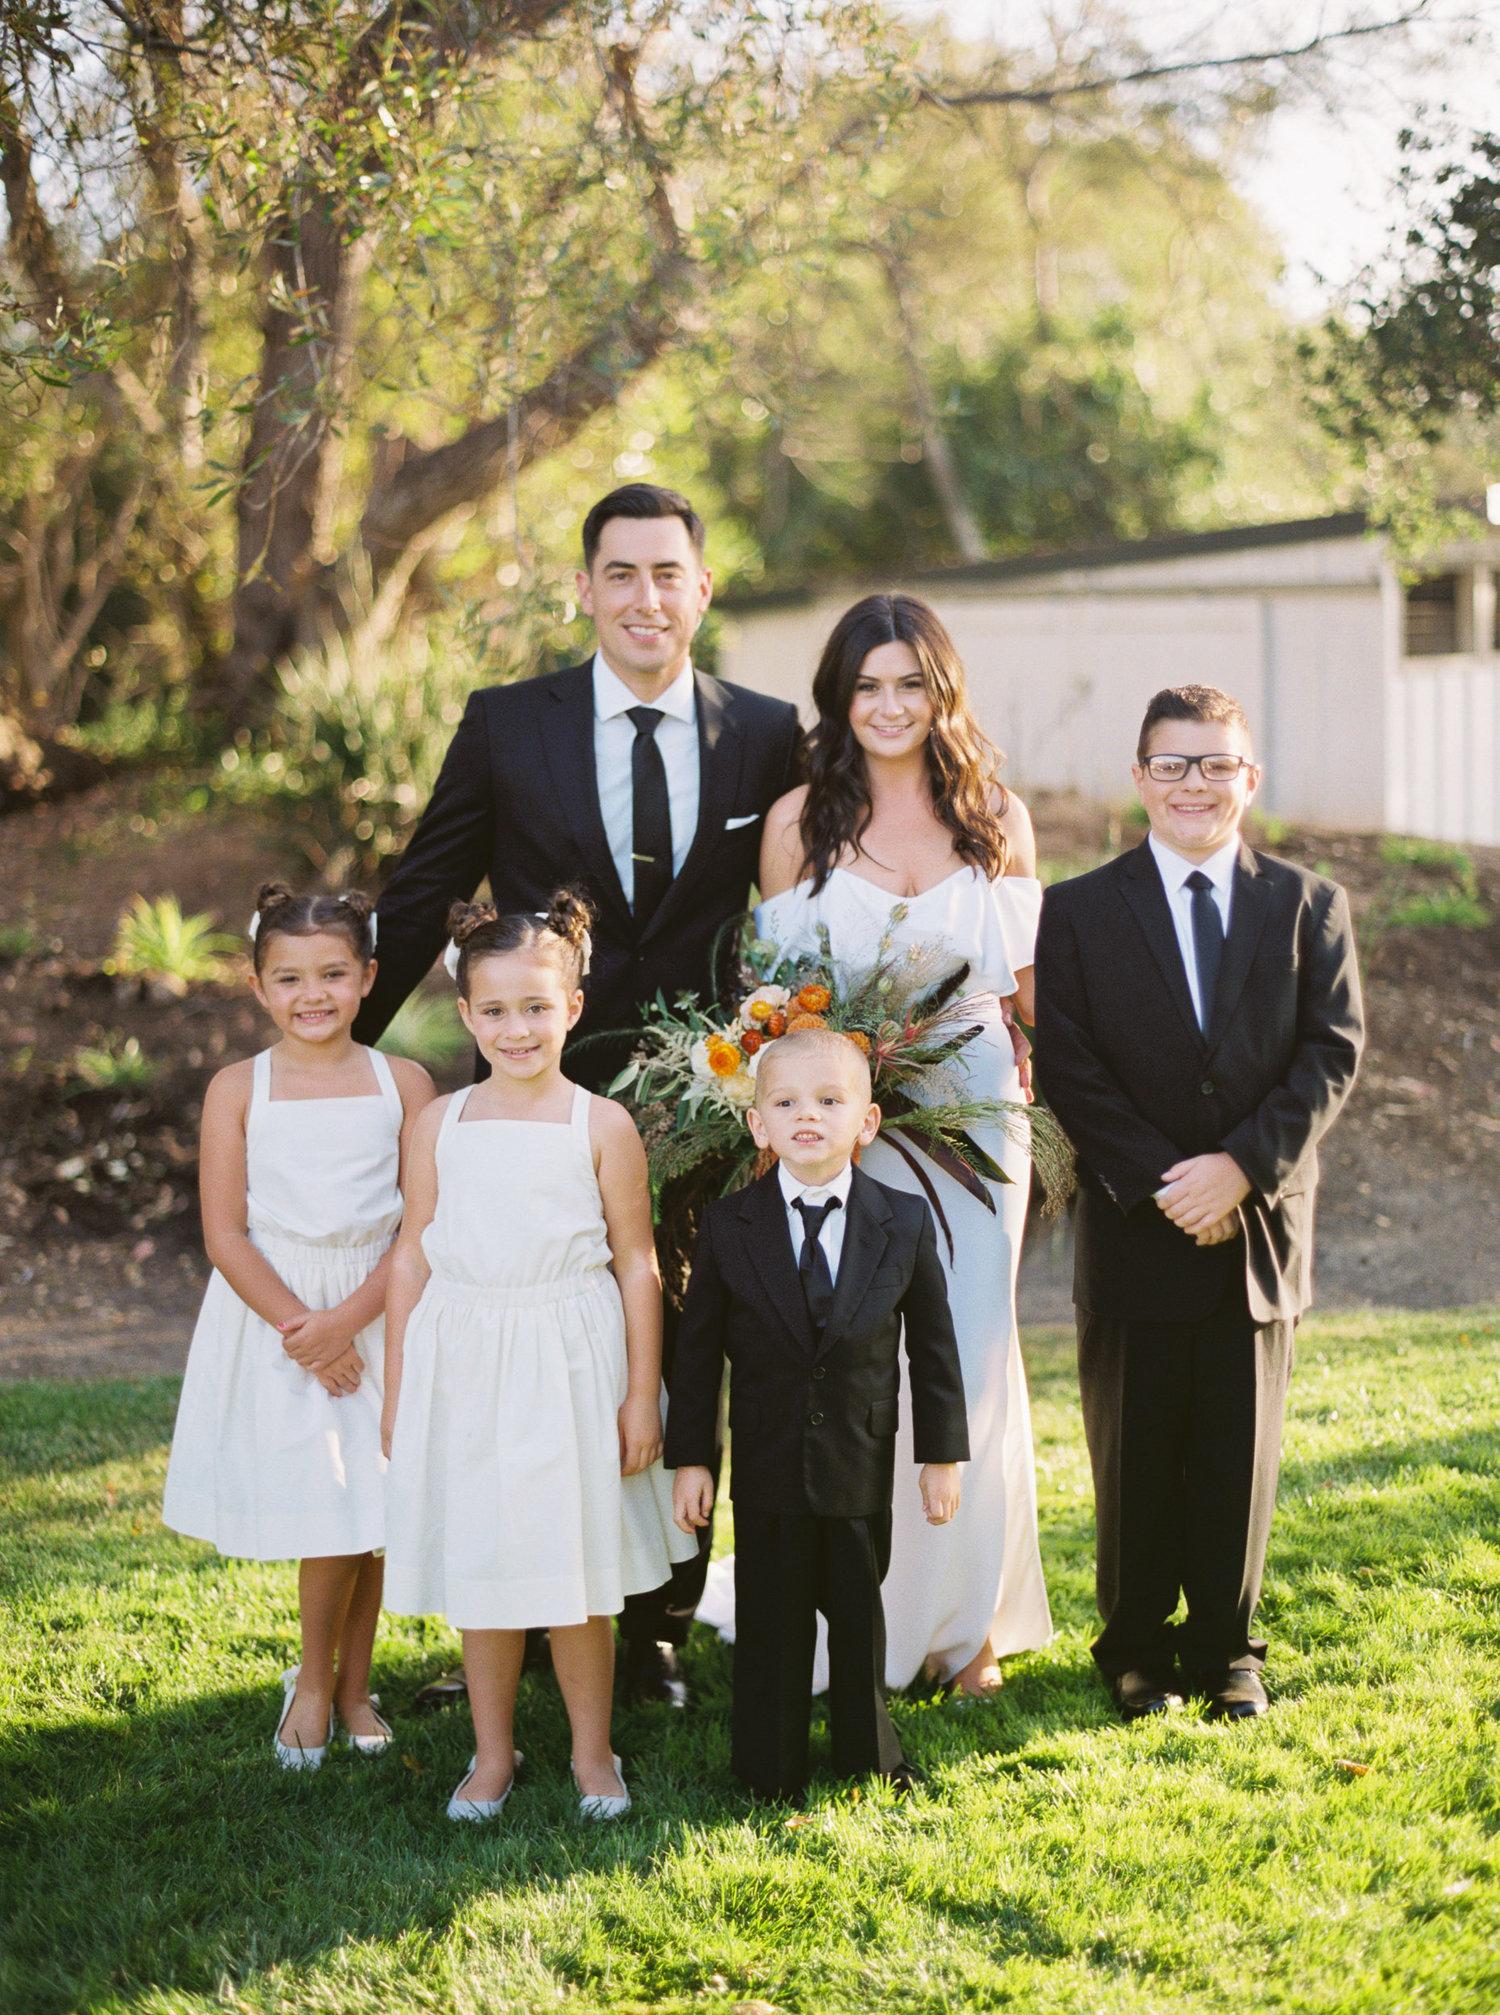 087carmel_california_destination_wedding_photography_wedding_videography_mission_ranch.jpg